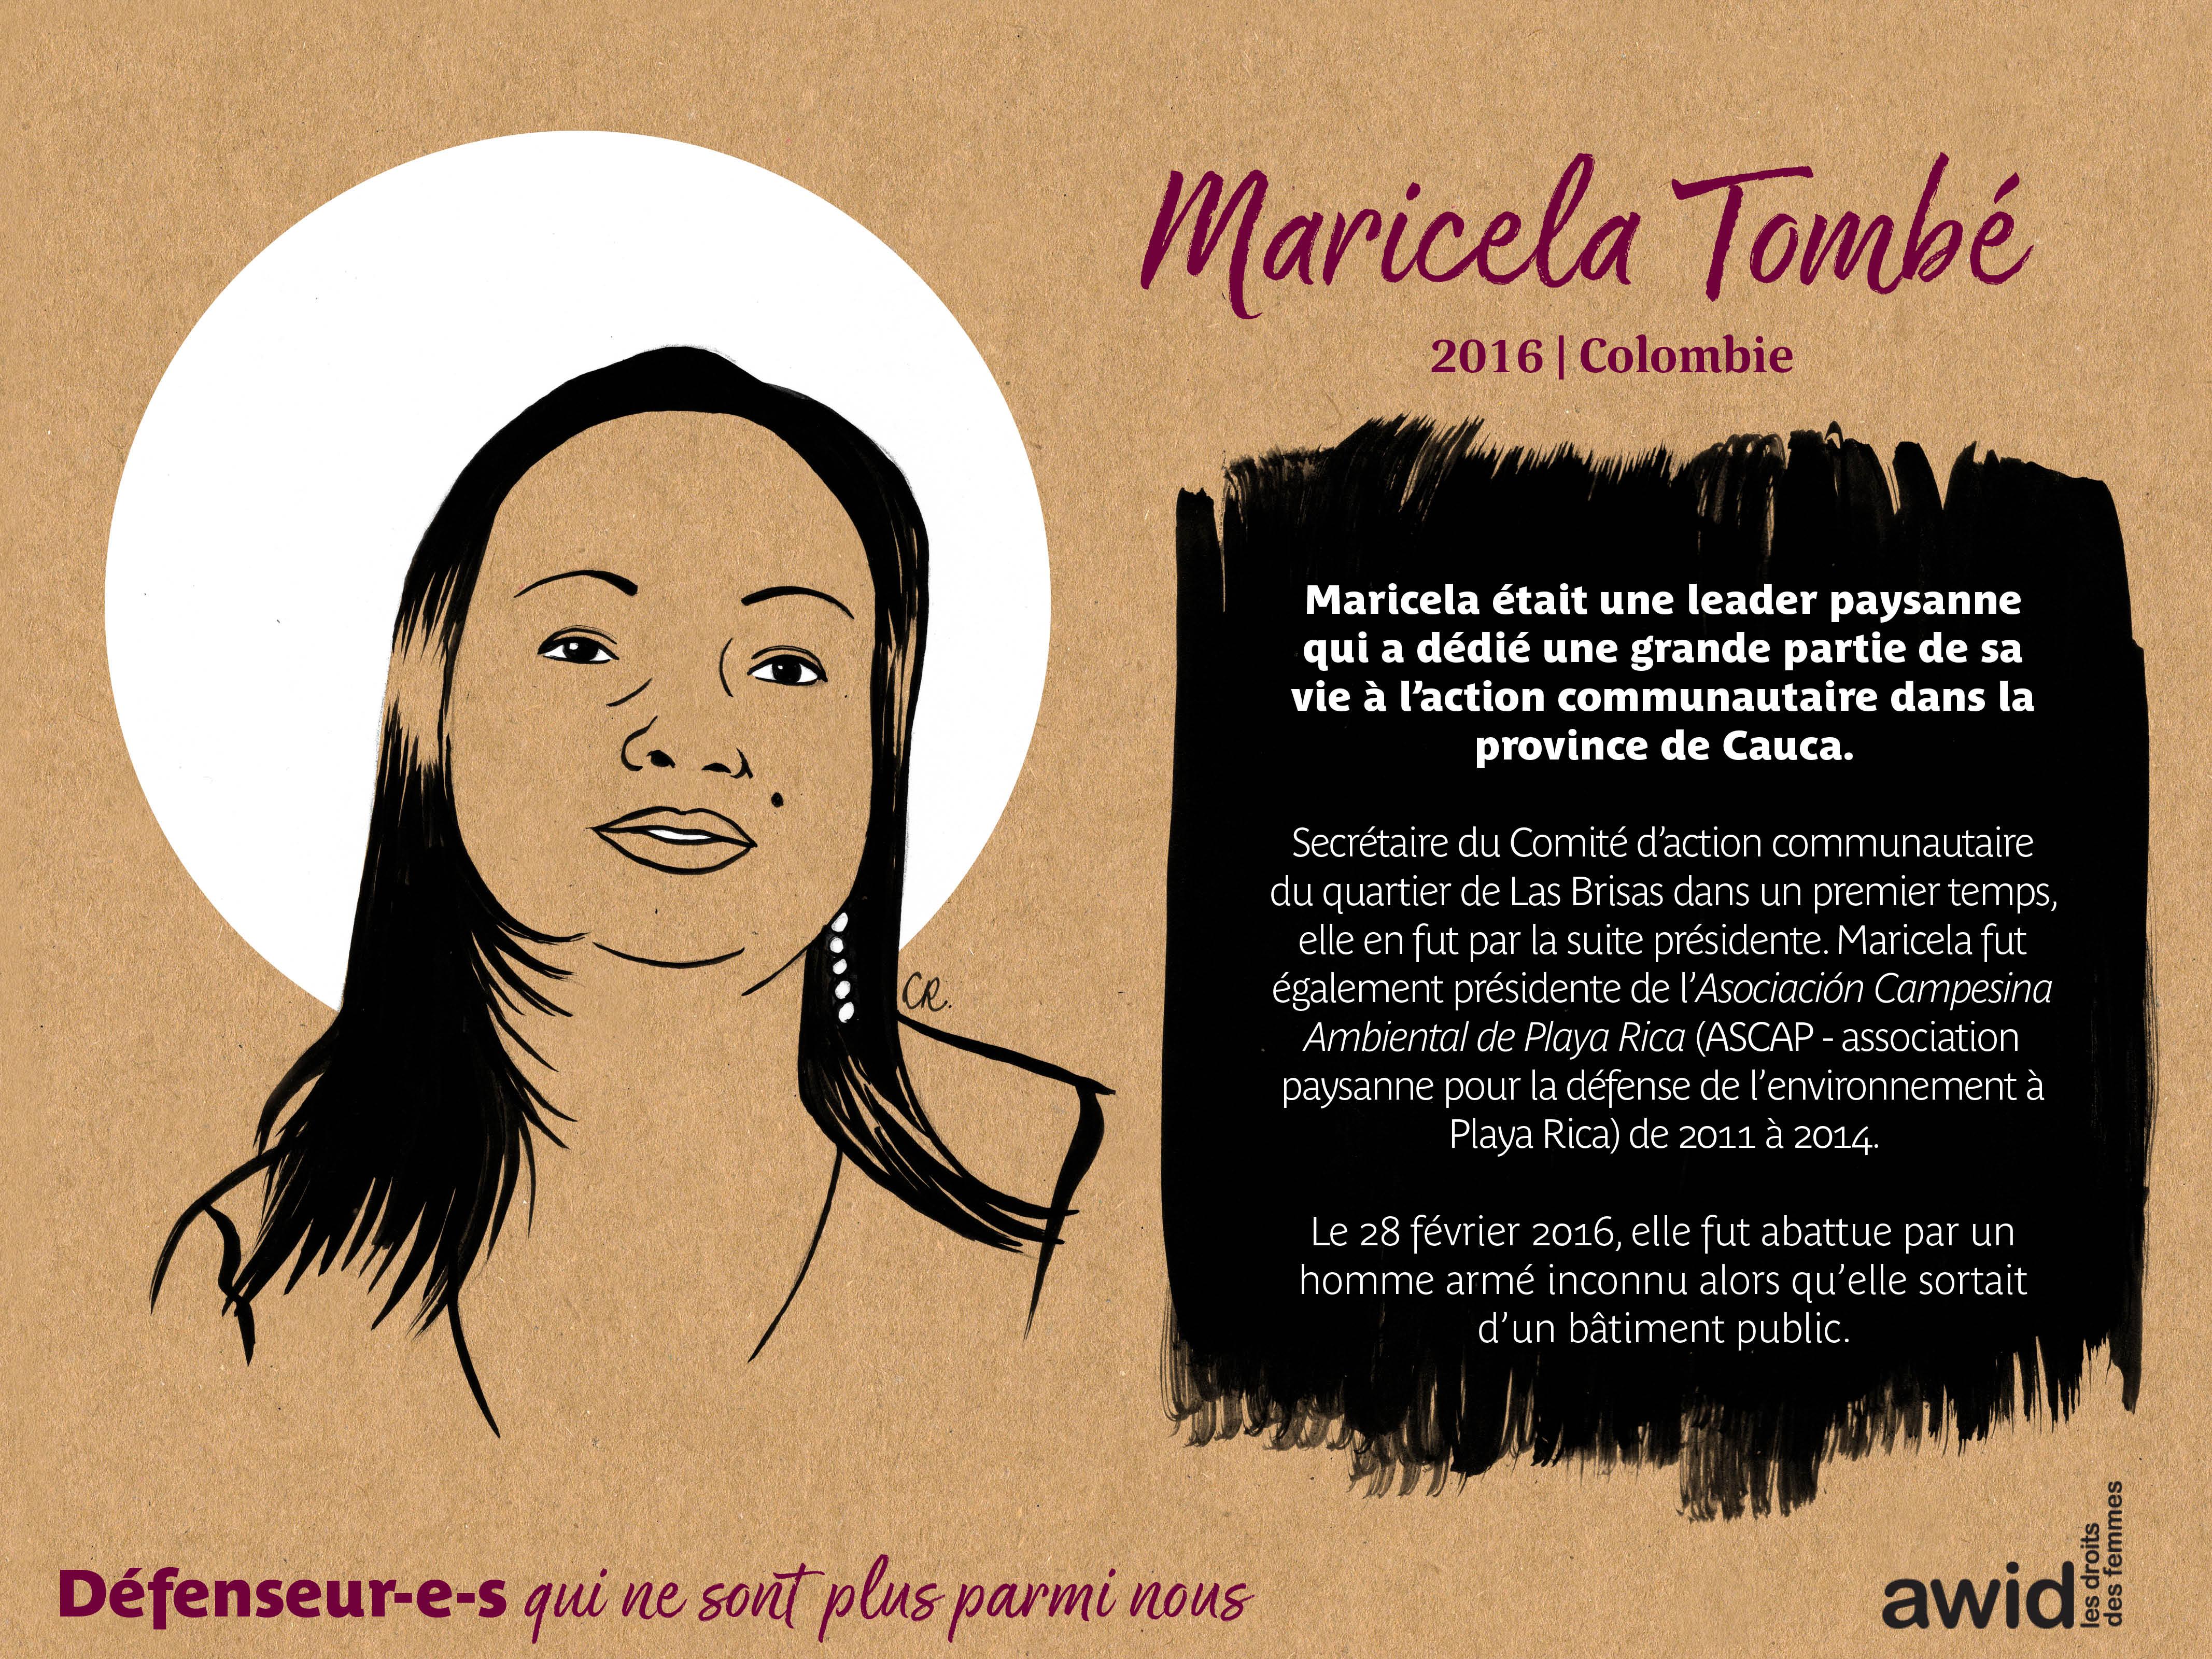 Maricela Tombé (FR)